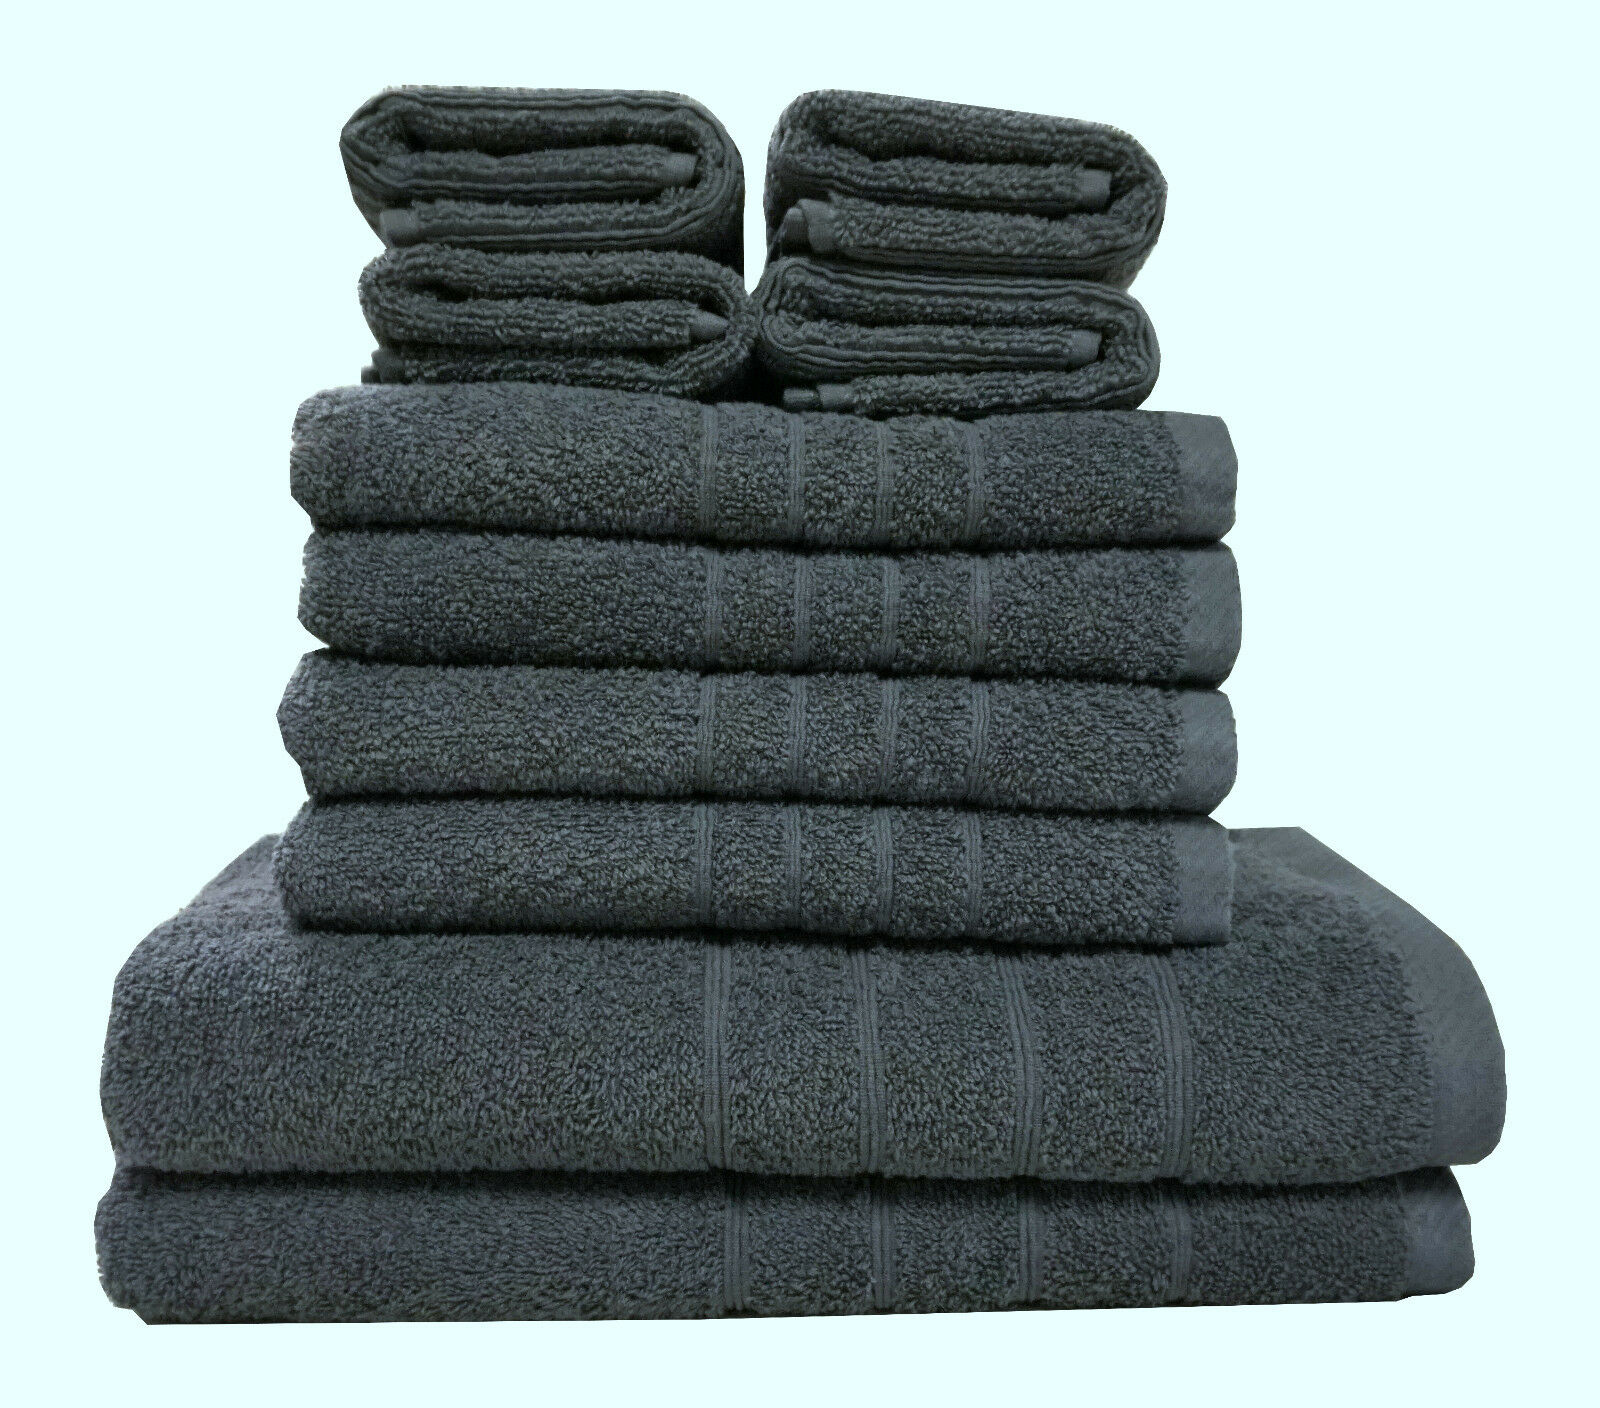 10 tlg. Frottee Handtuch Set -  Anthrazit - 2 Duschtuch 4 Handtuch 4 Gästetuch